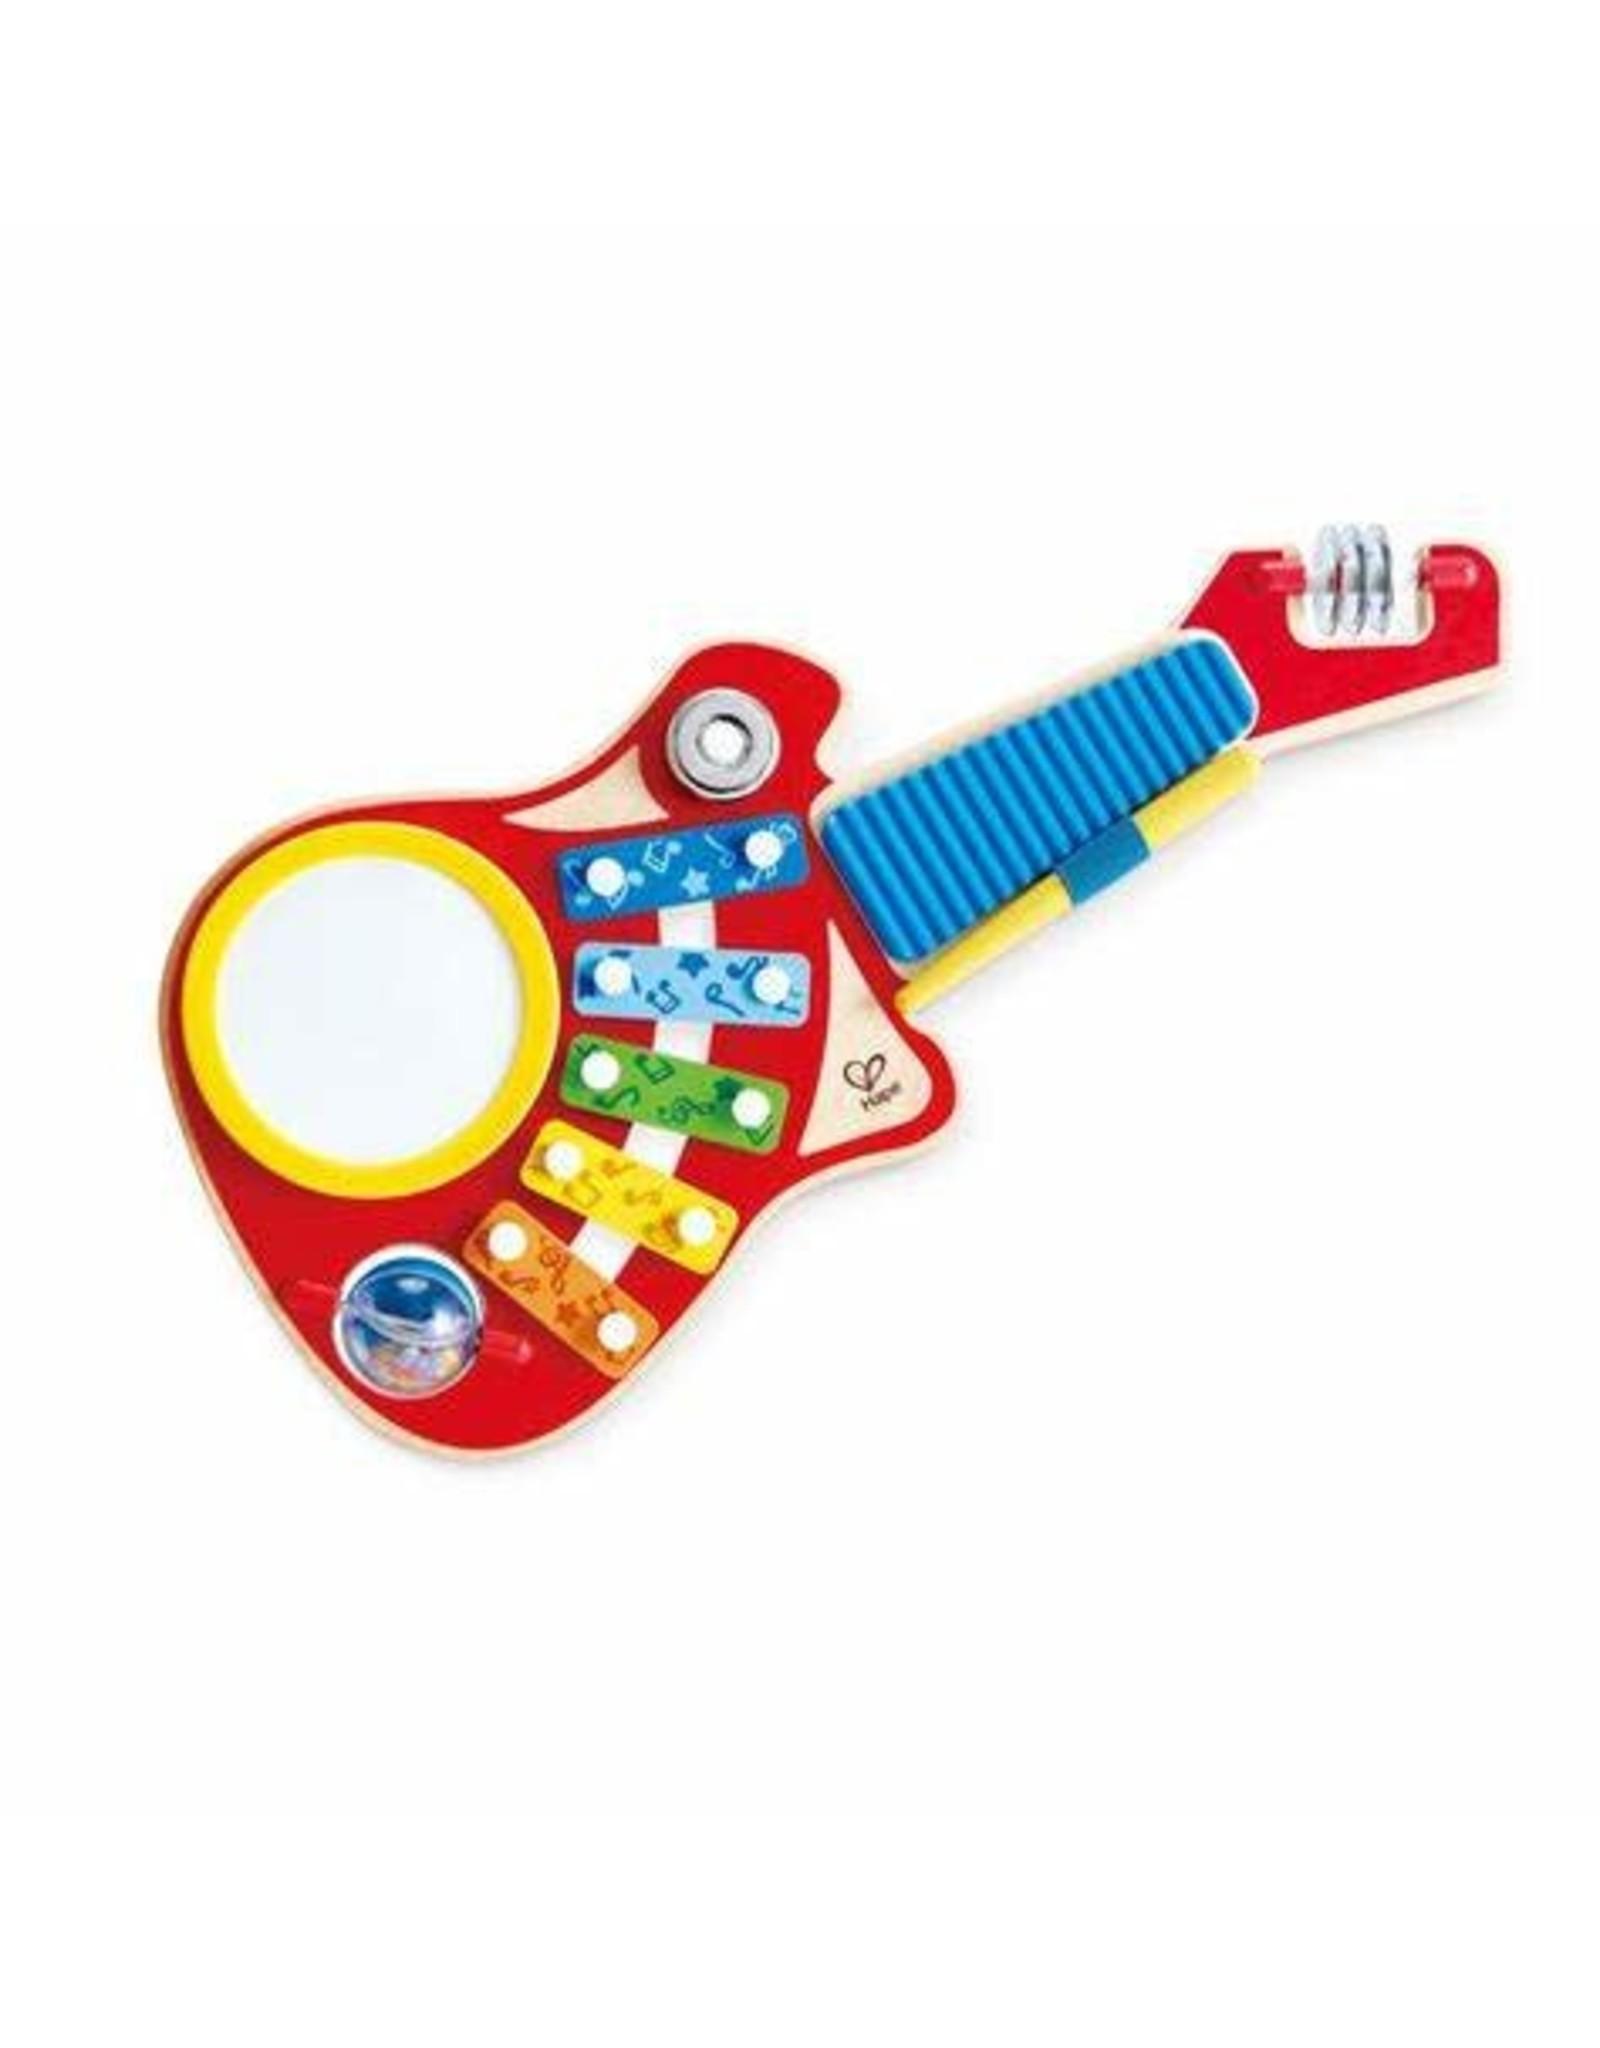 Hape 6-In-1 Music Maker